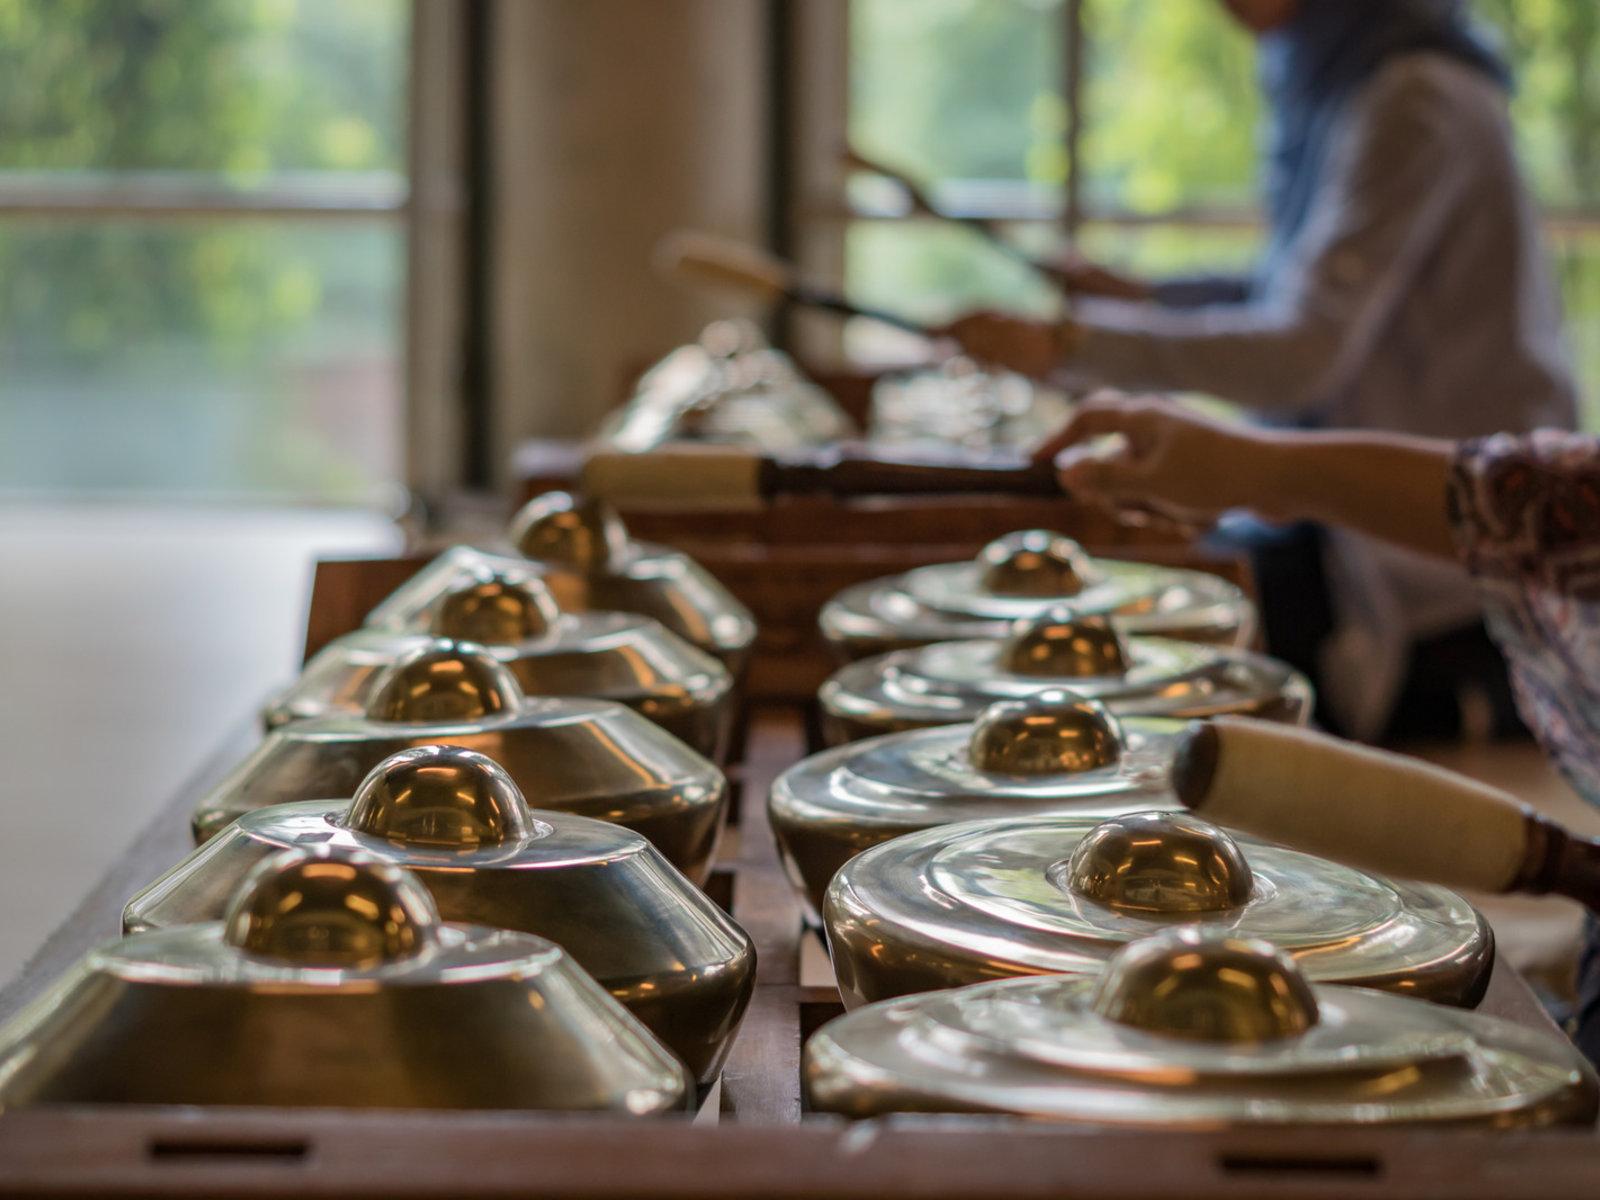 Gamelan Musikinstrumente